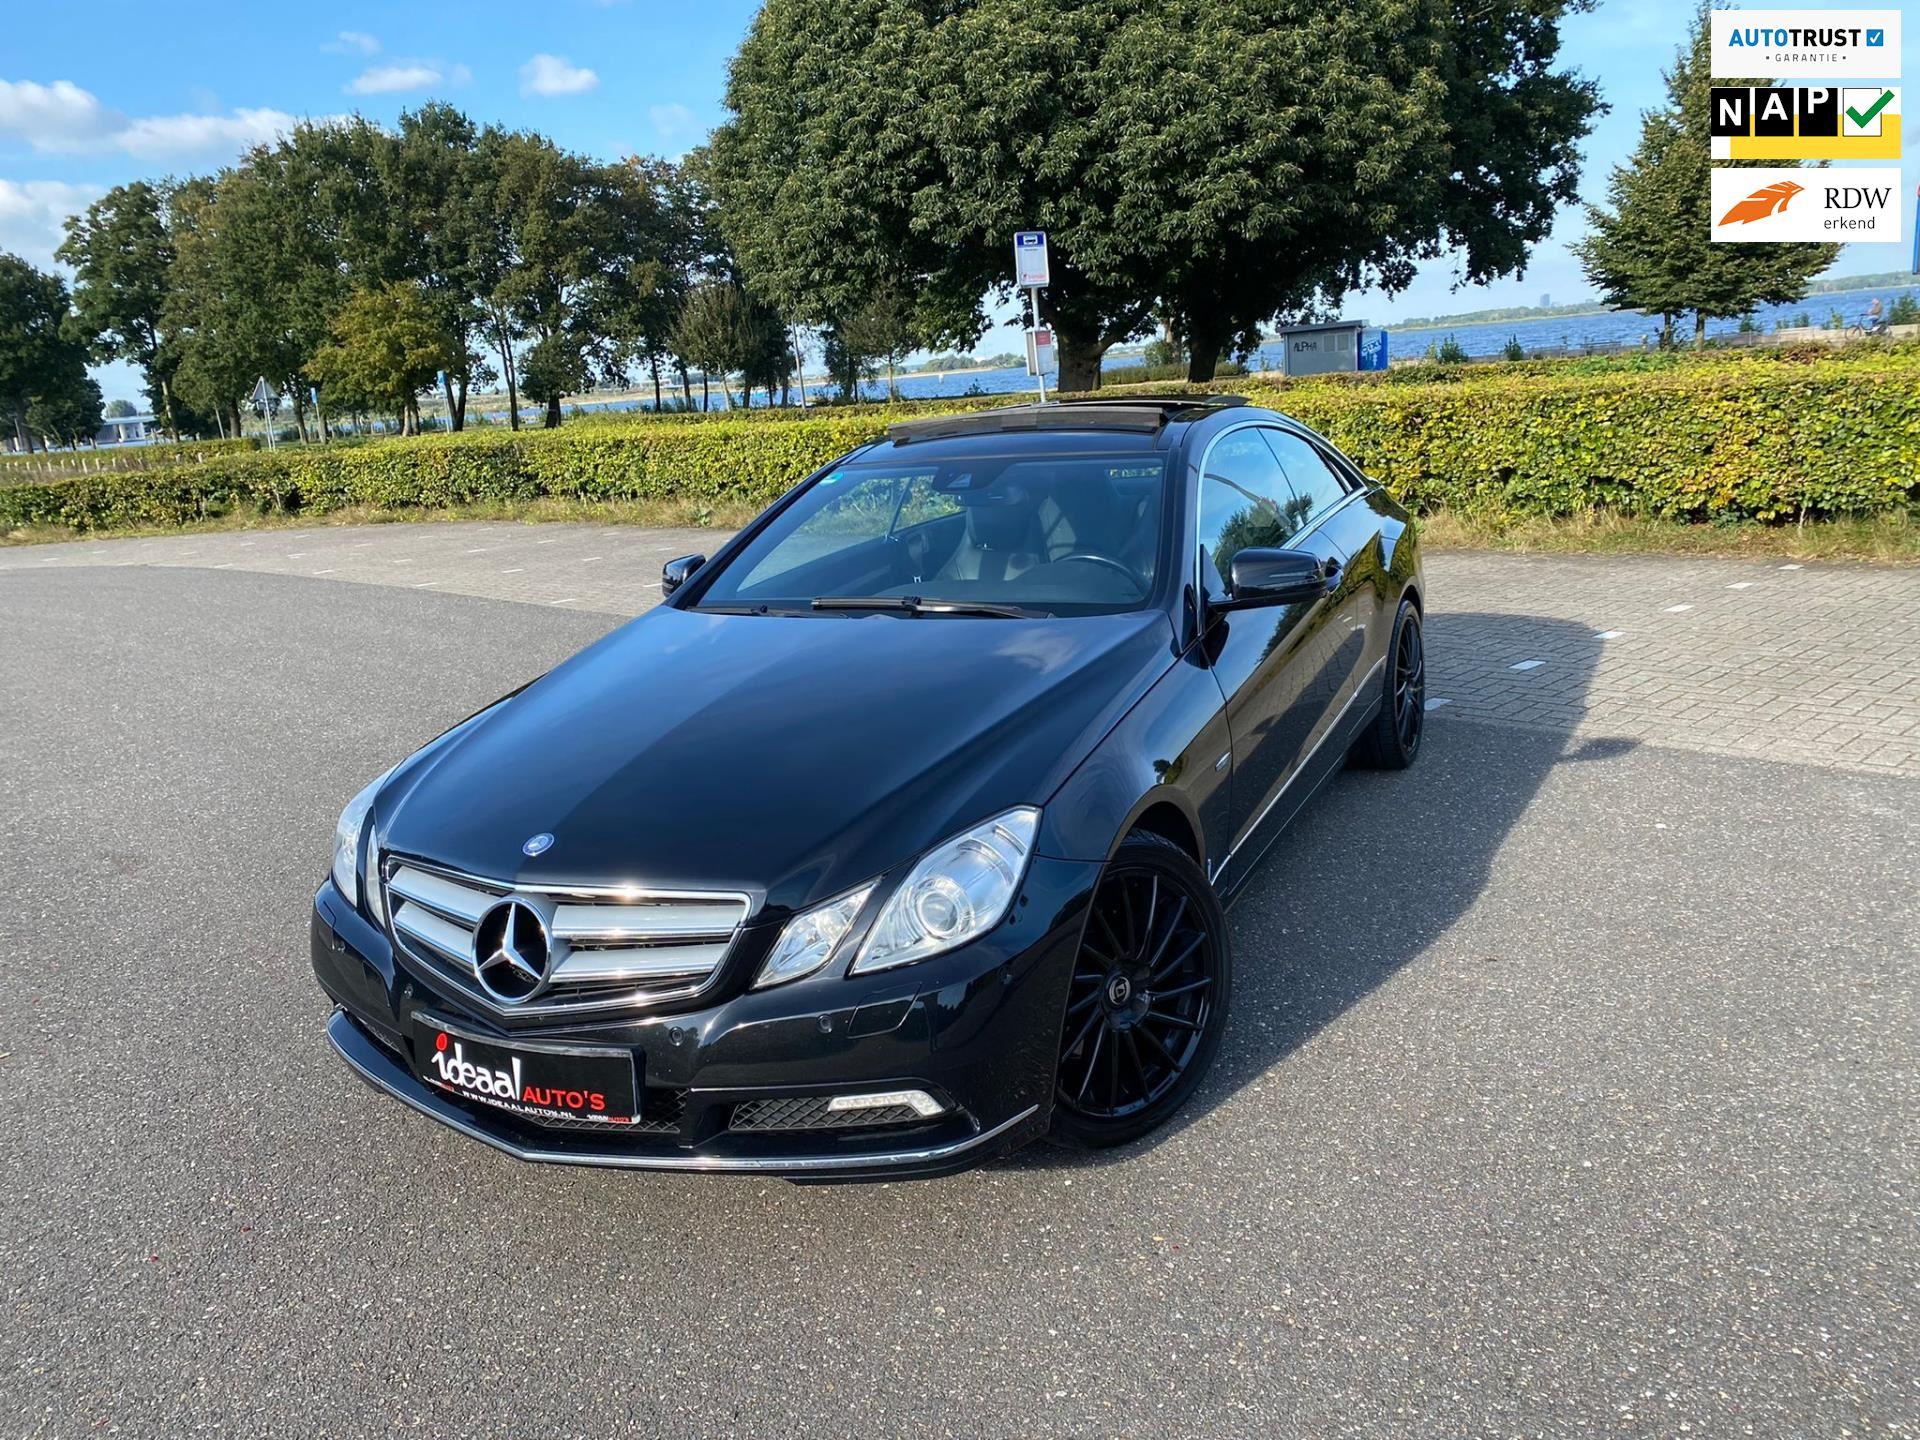 Mercedes-Benz E-klasse Coupé occasion - Ideaal Auto's